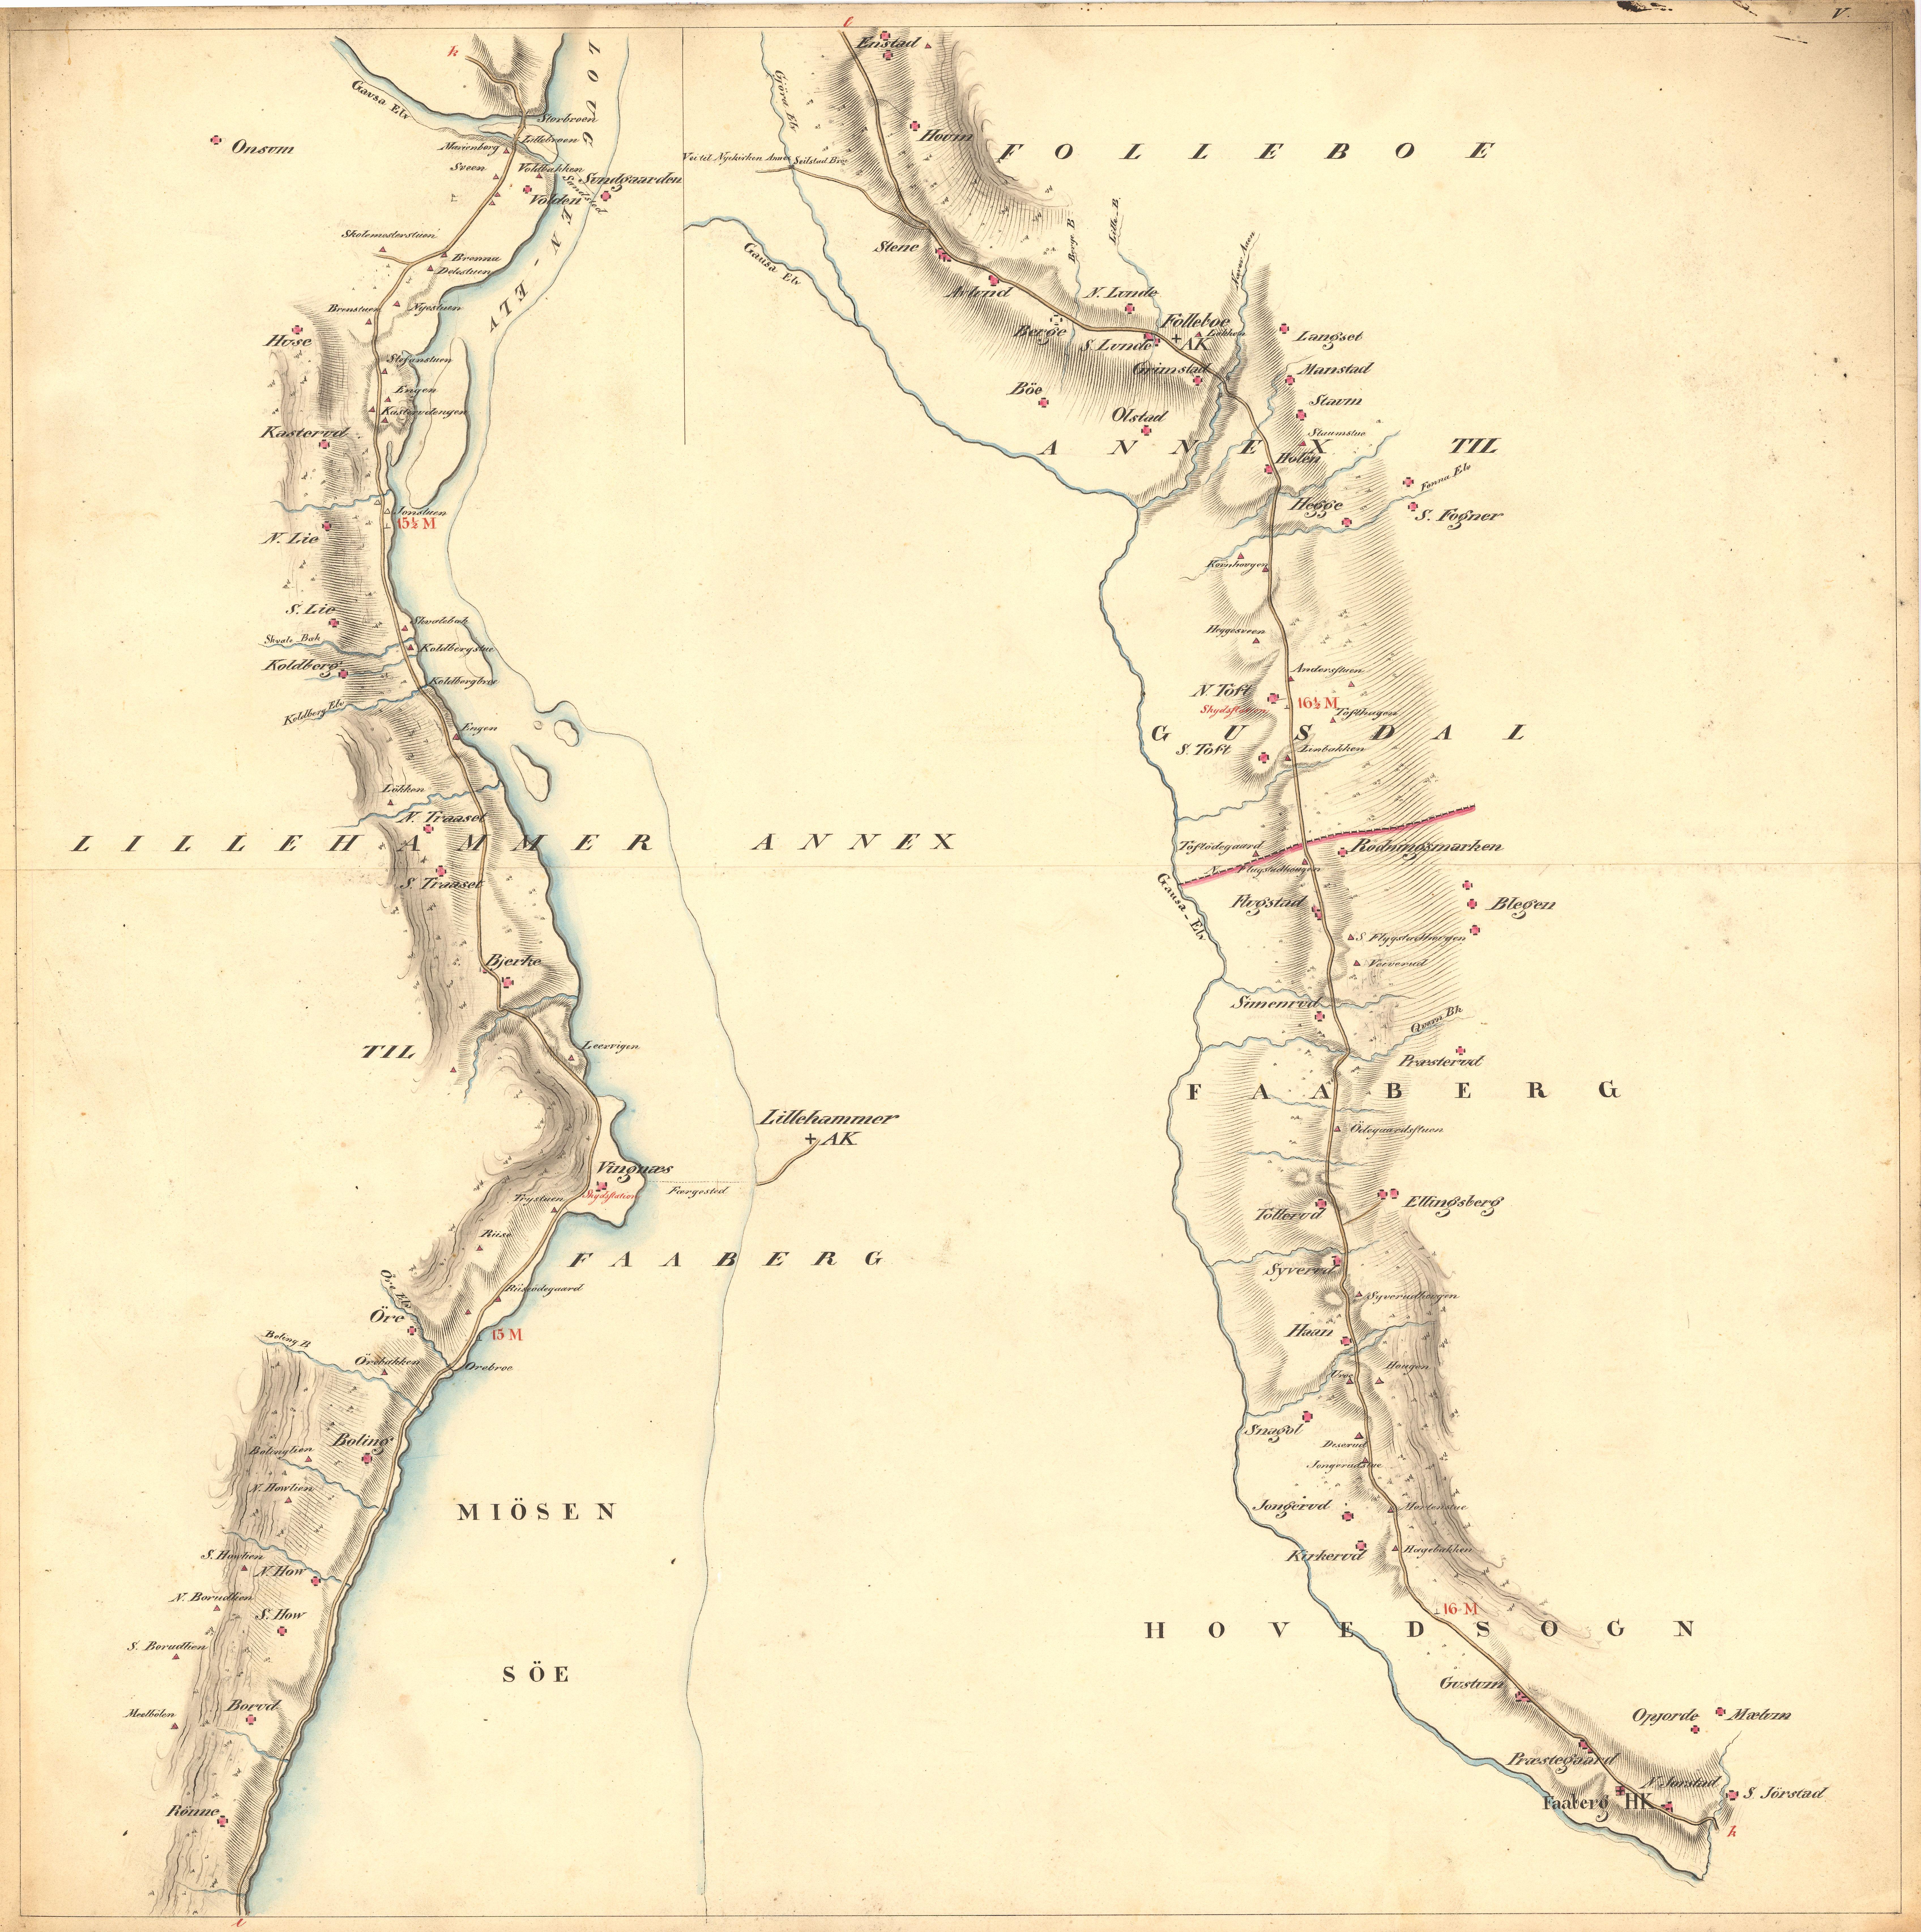 kart til og fra File:Kartblad 5  Kart over Veien fra Eidsvold igjennm Hurdalen  kart til og fra